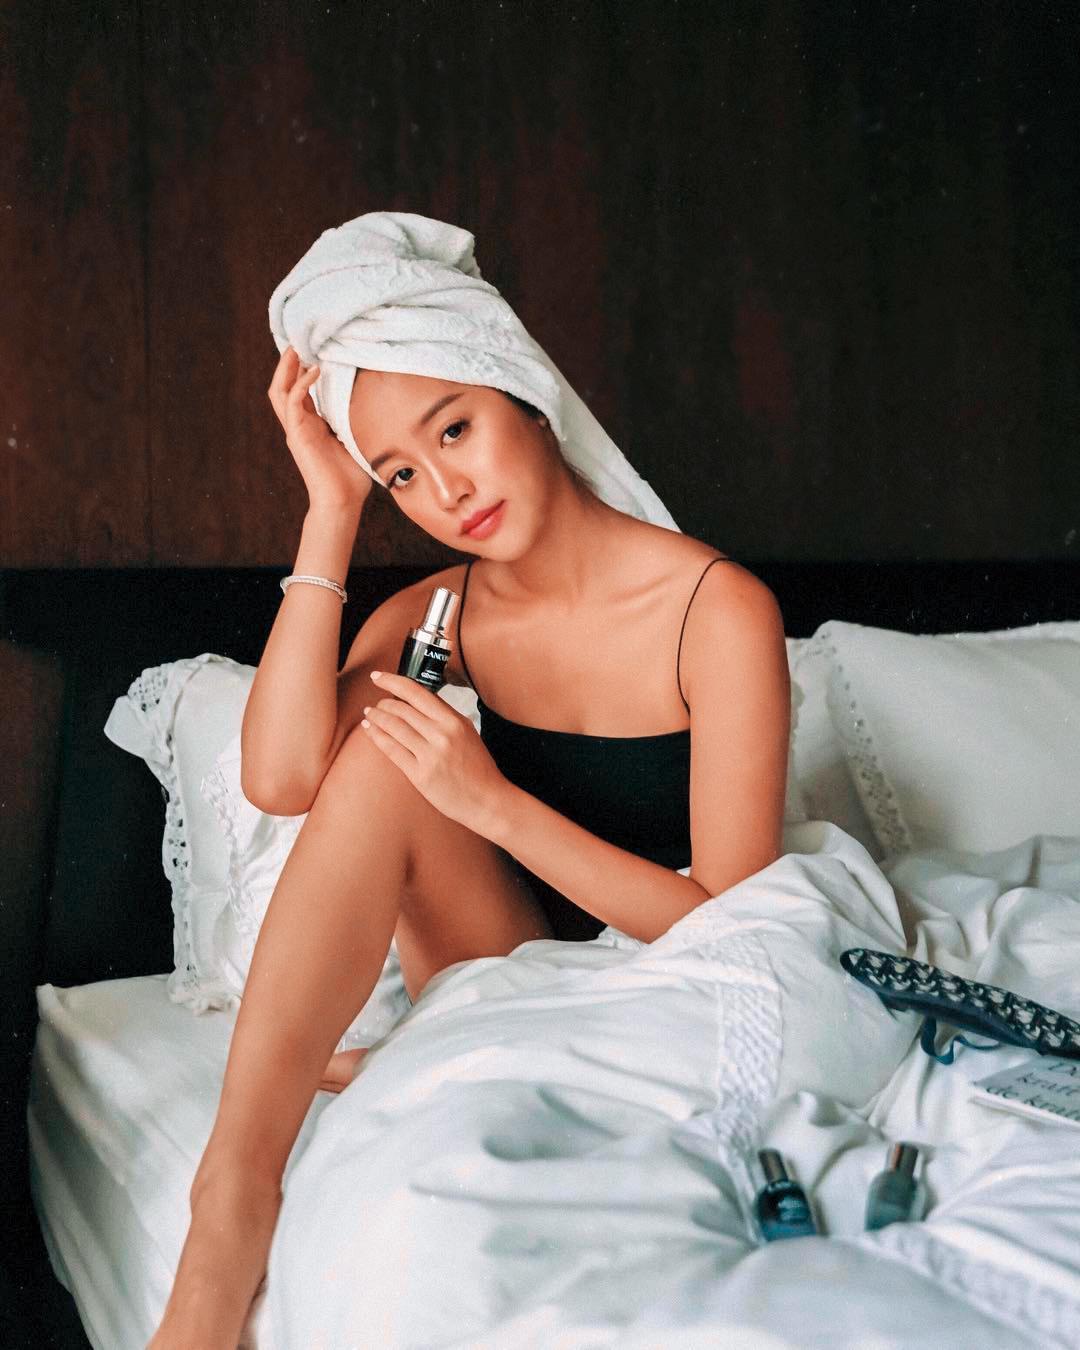 廖津琳(圖)跟雀斑小姐都是IG上的紅人,而且各有風情;廖津琳看來比較成熟有韻味,雀斑小姐嬌媚而且擅於修圖。(翻攝自廖津琳IG)